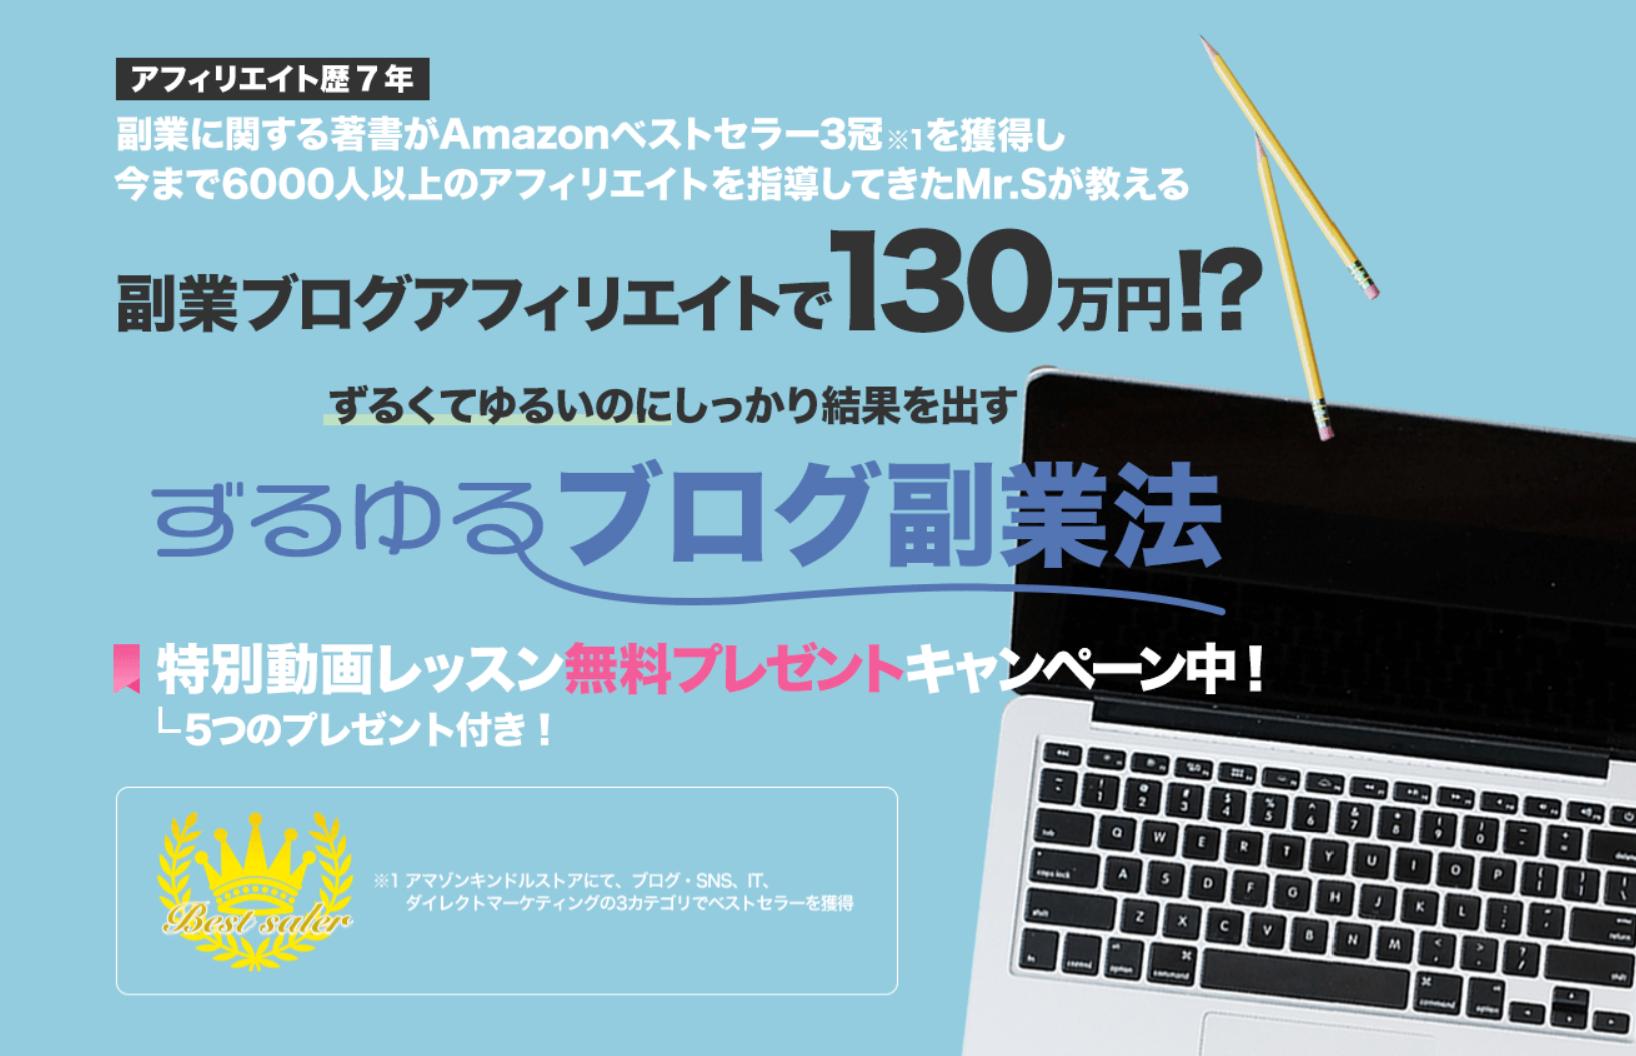 特別動画レッスン無料キャンペーン中!